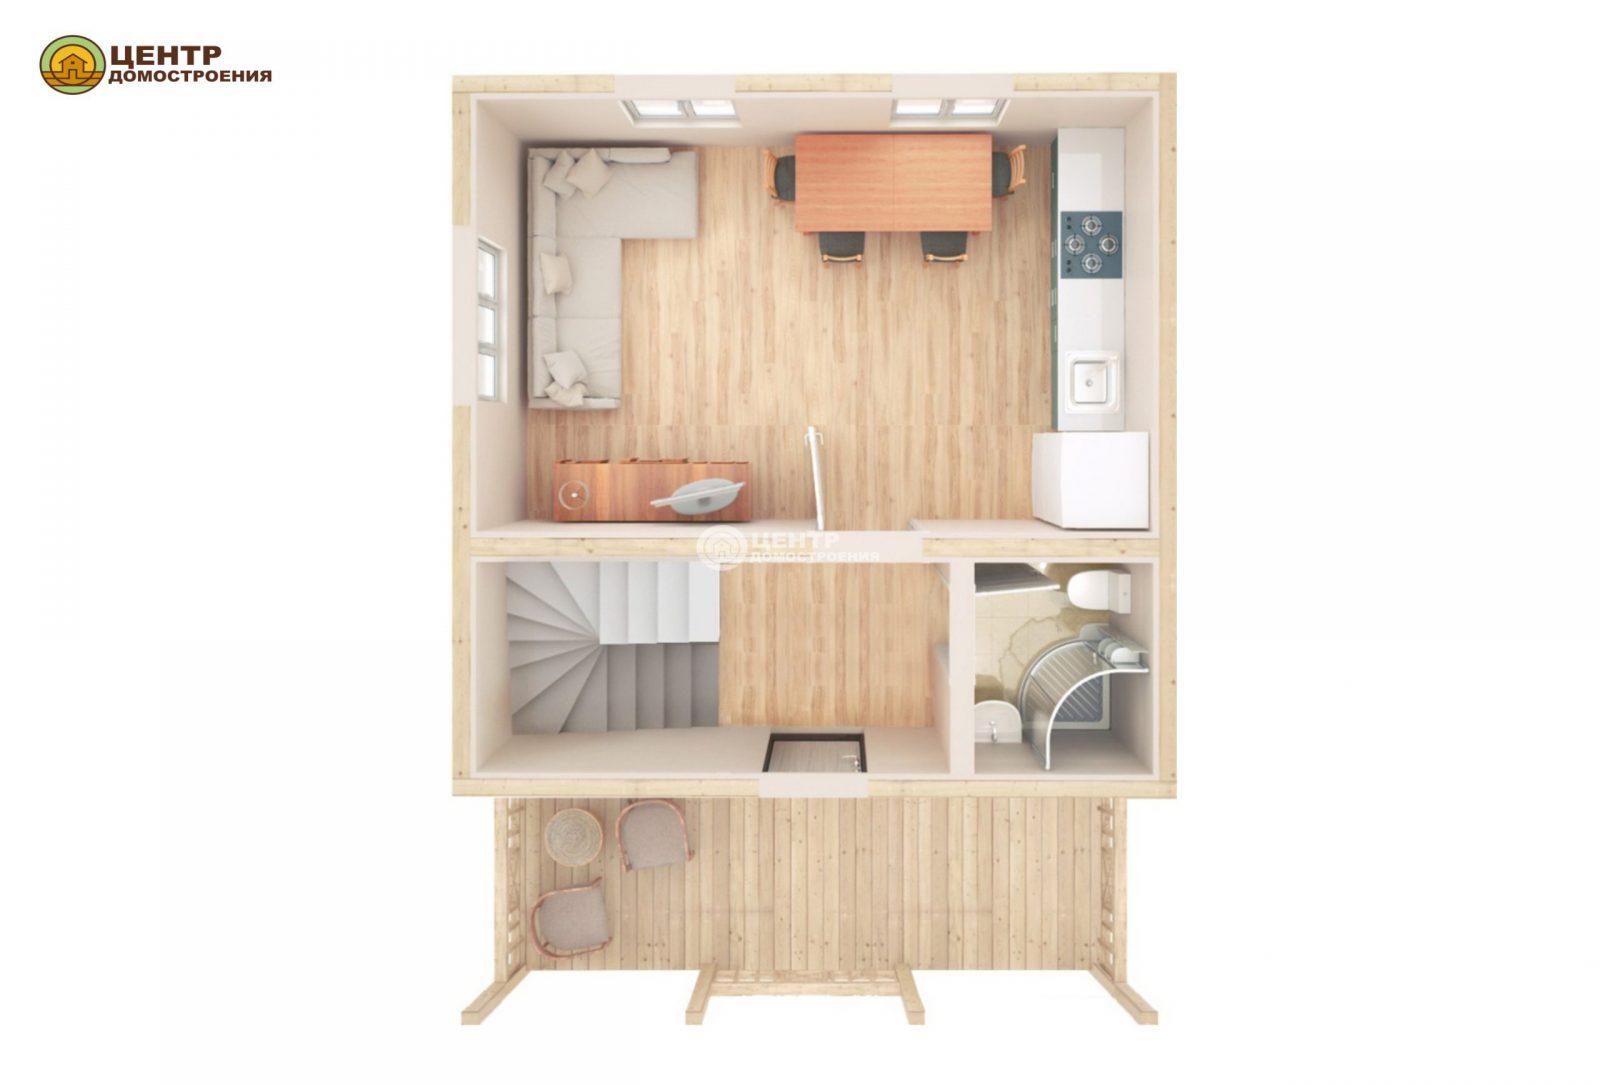 Проект дома 6 на 7